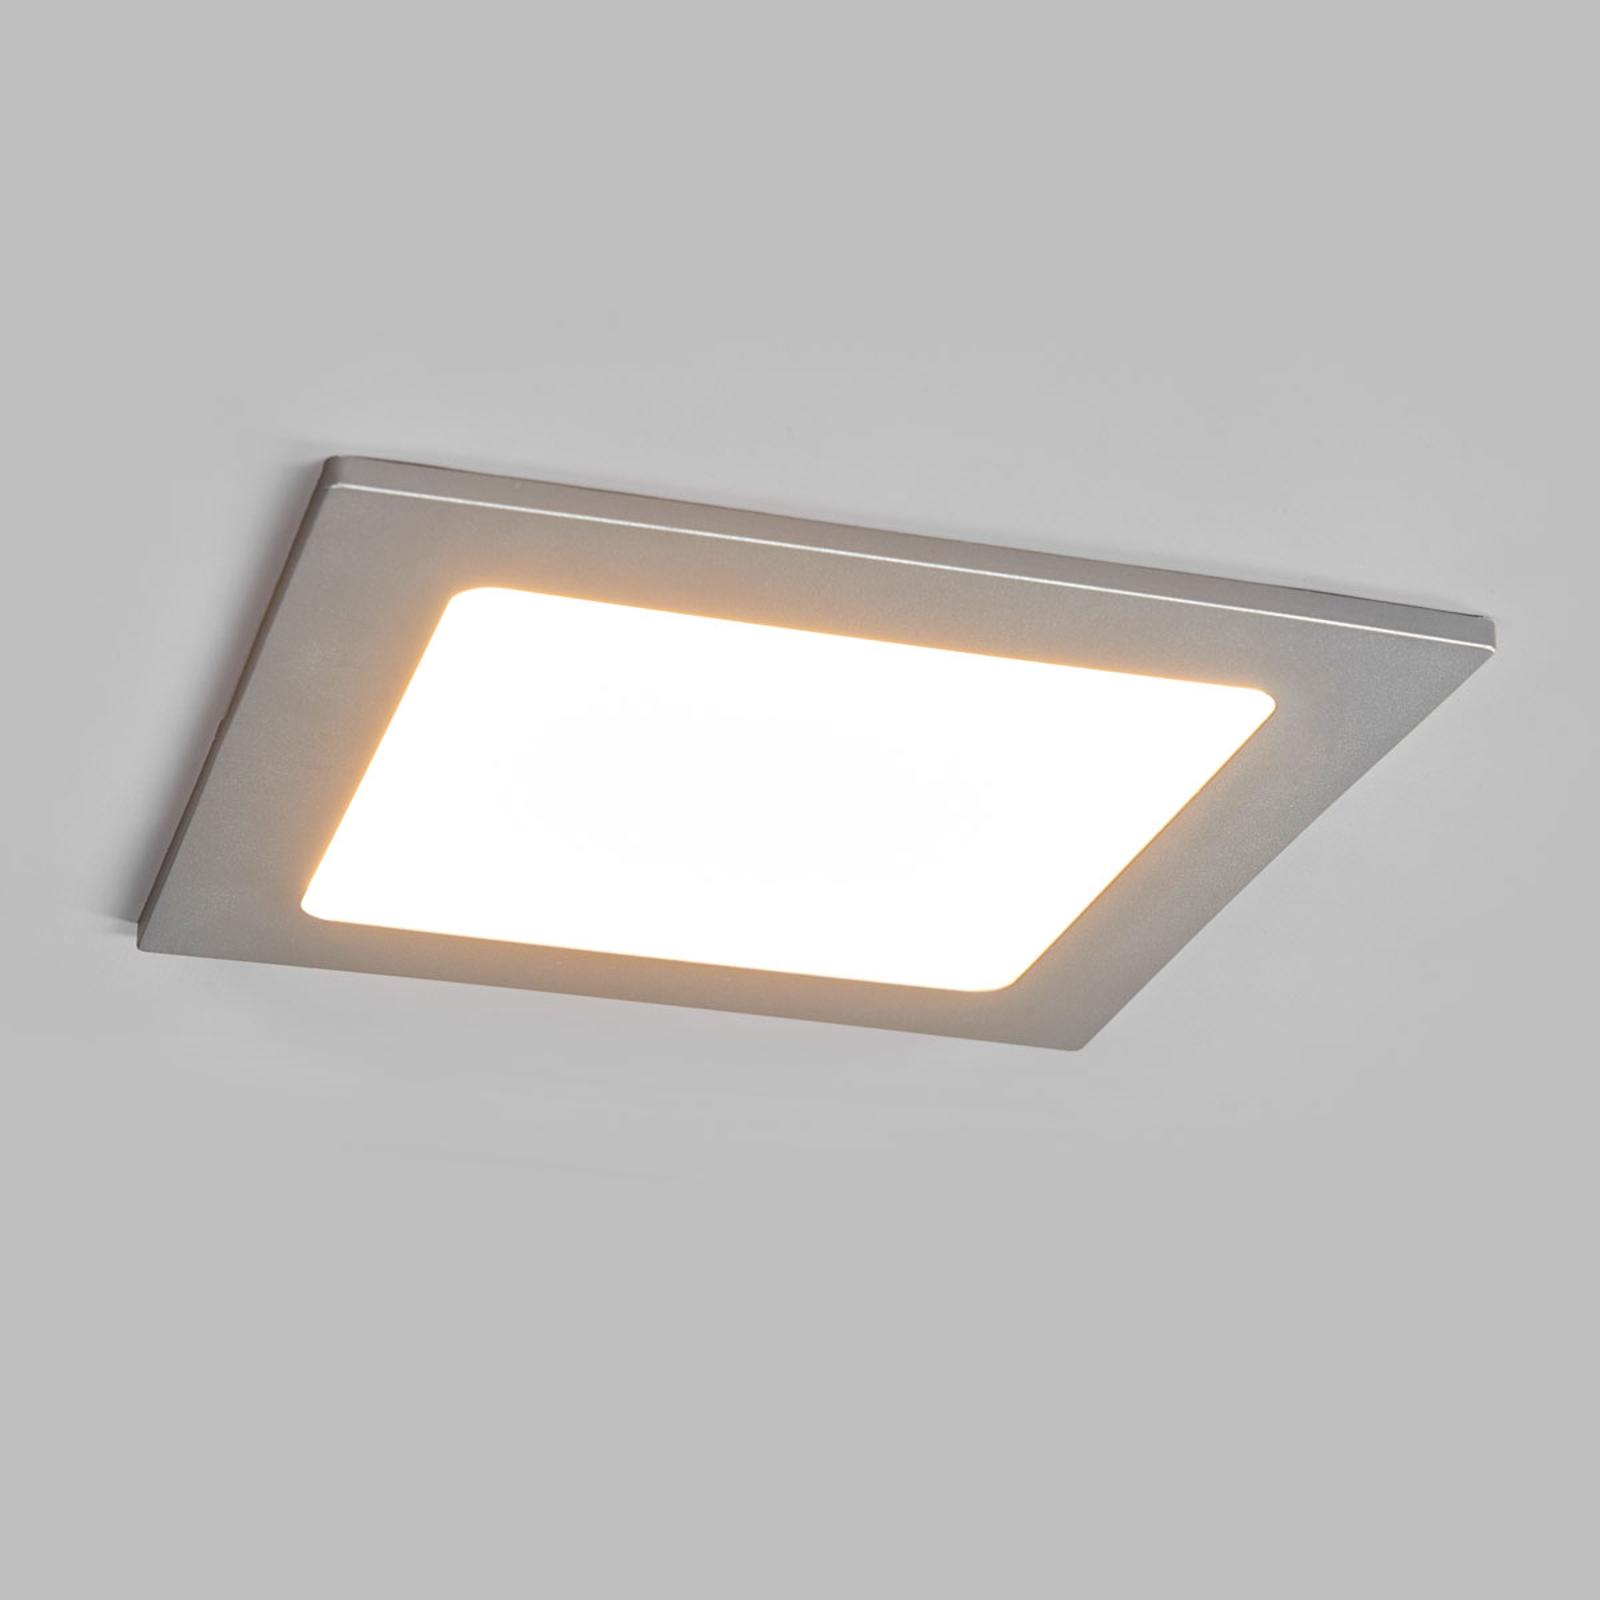 LED-Einbaustrahler Joki silber 3000K eckig 16,5cm